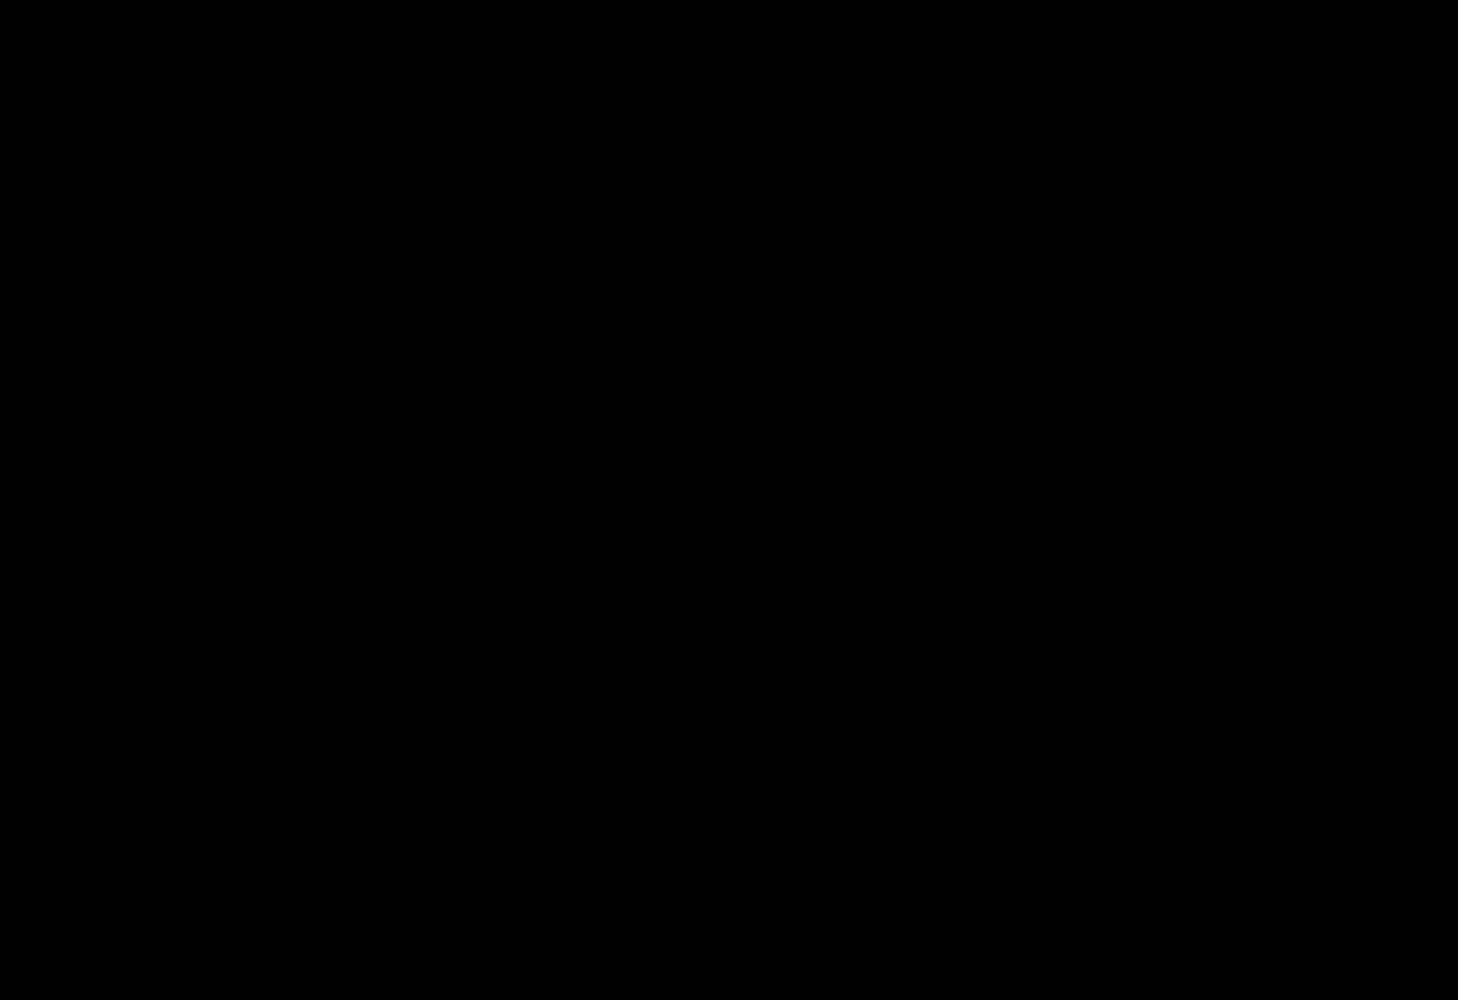 Czarne litery na białym tle. Napis Mazowiecki Instytut Kultury. Wyrazy ułożone jeden pod drugim. Sylaba TU pogrubiona i otoczona w otwarty kwadrat.